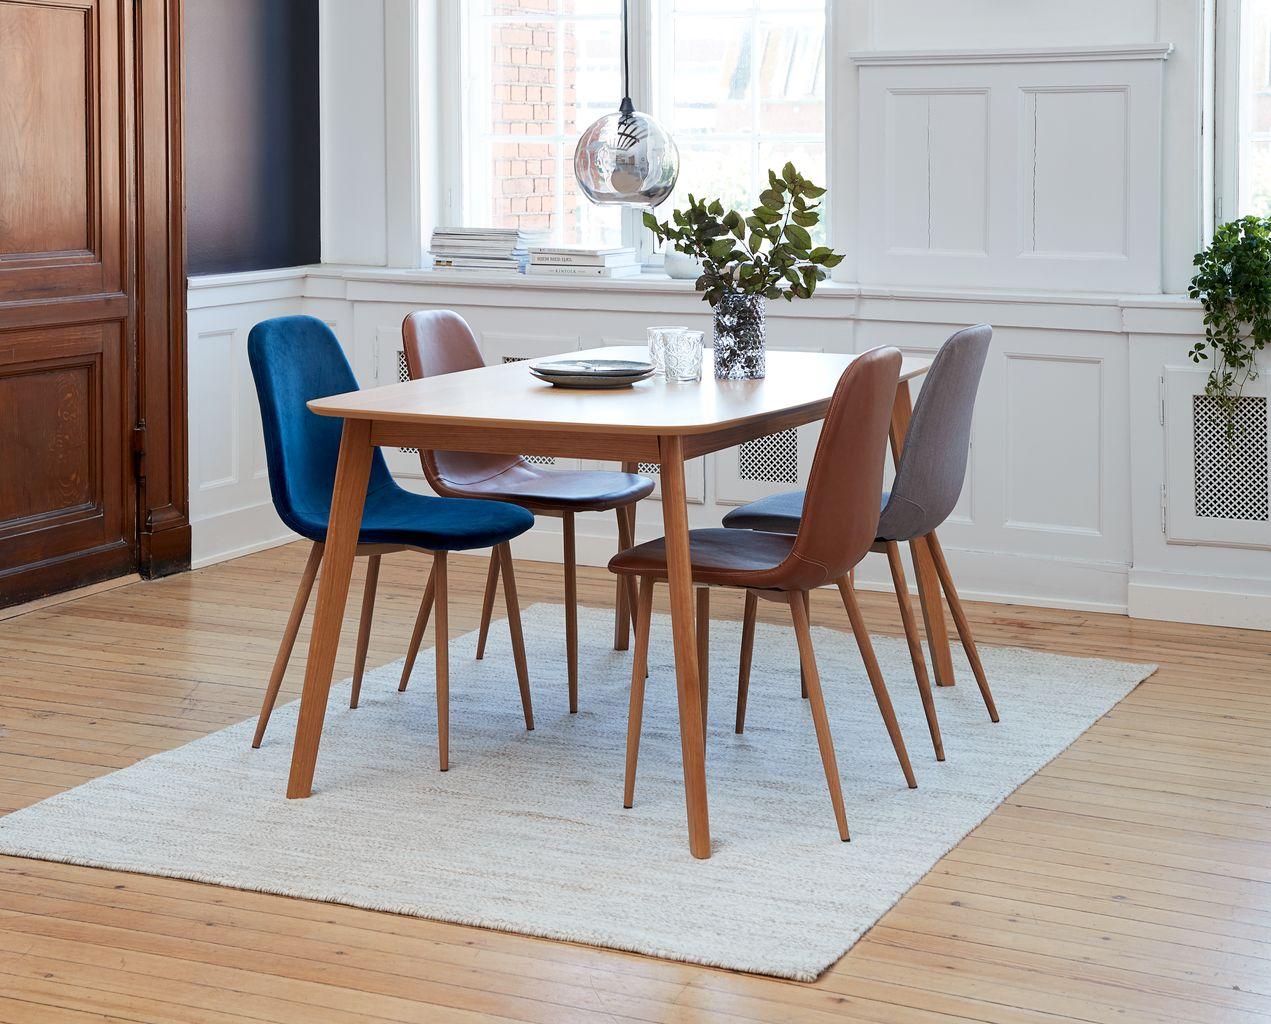 Krzesło biurowe JONSTRUP koniakchrom | JYSK